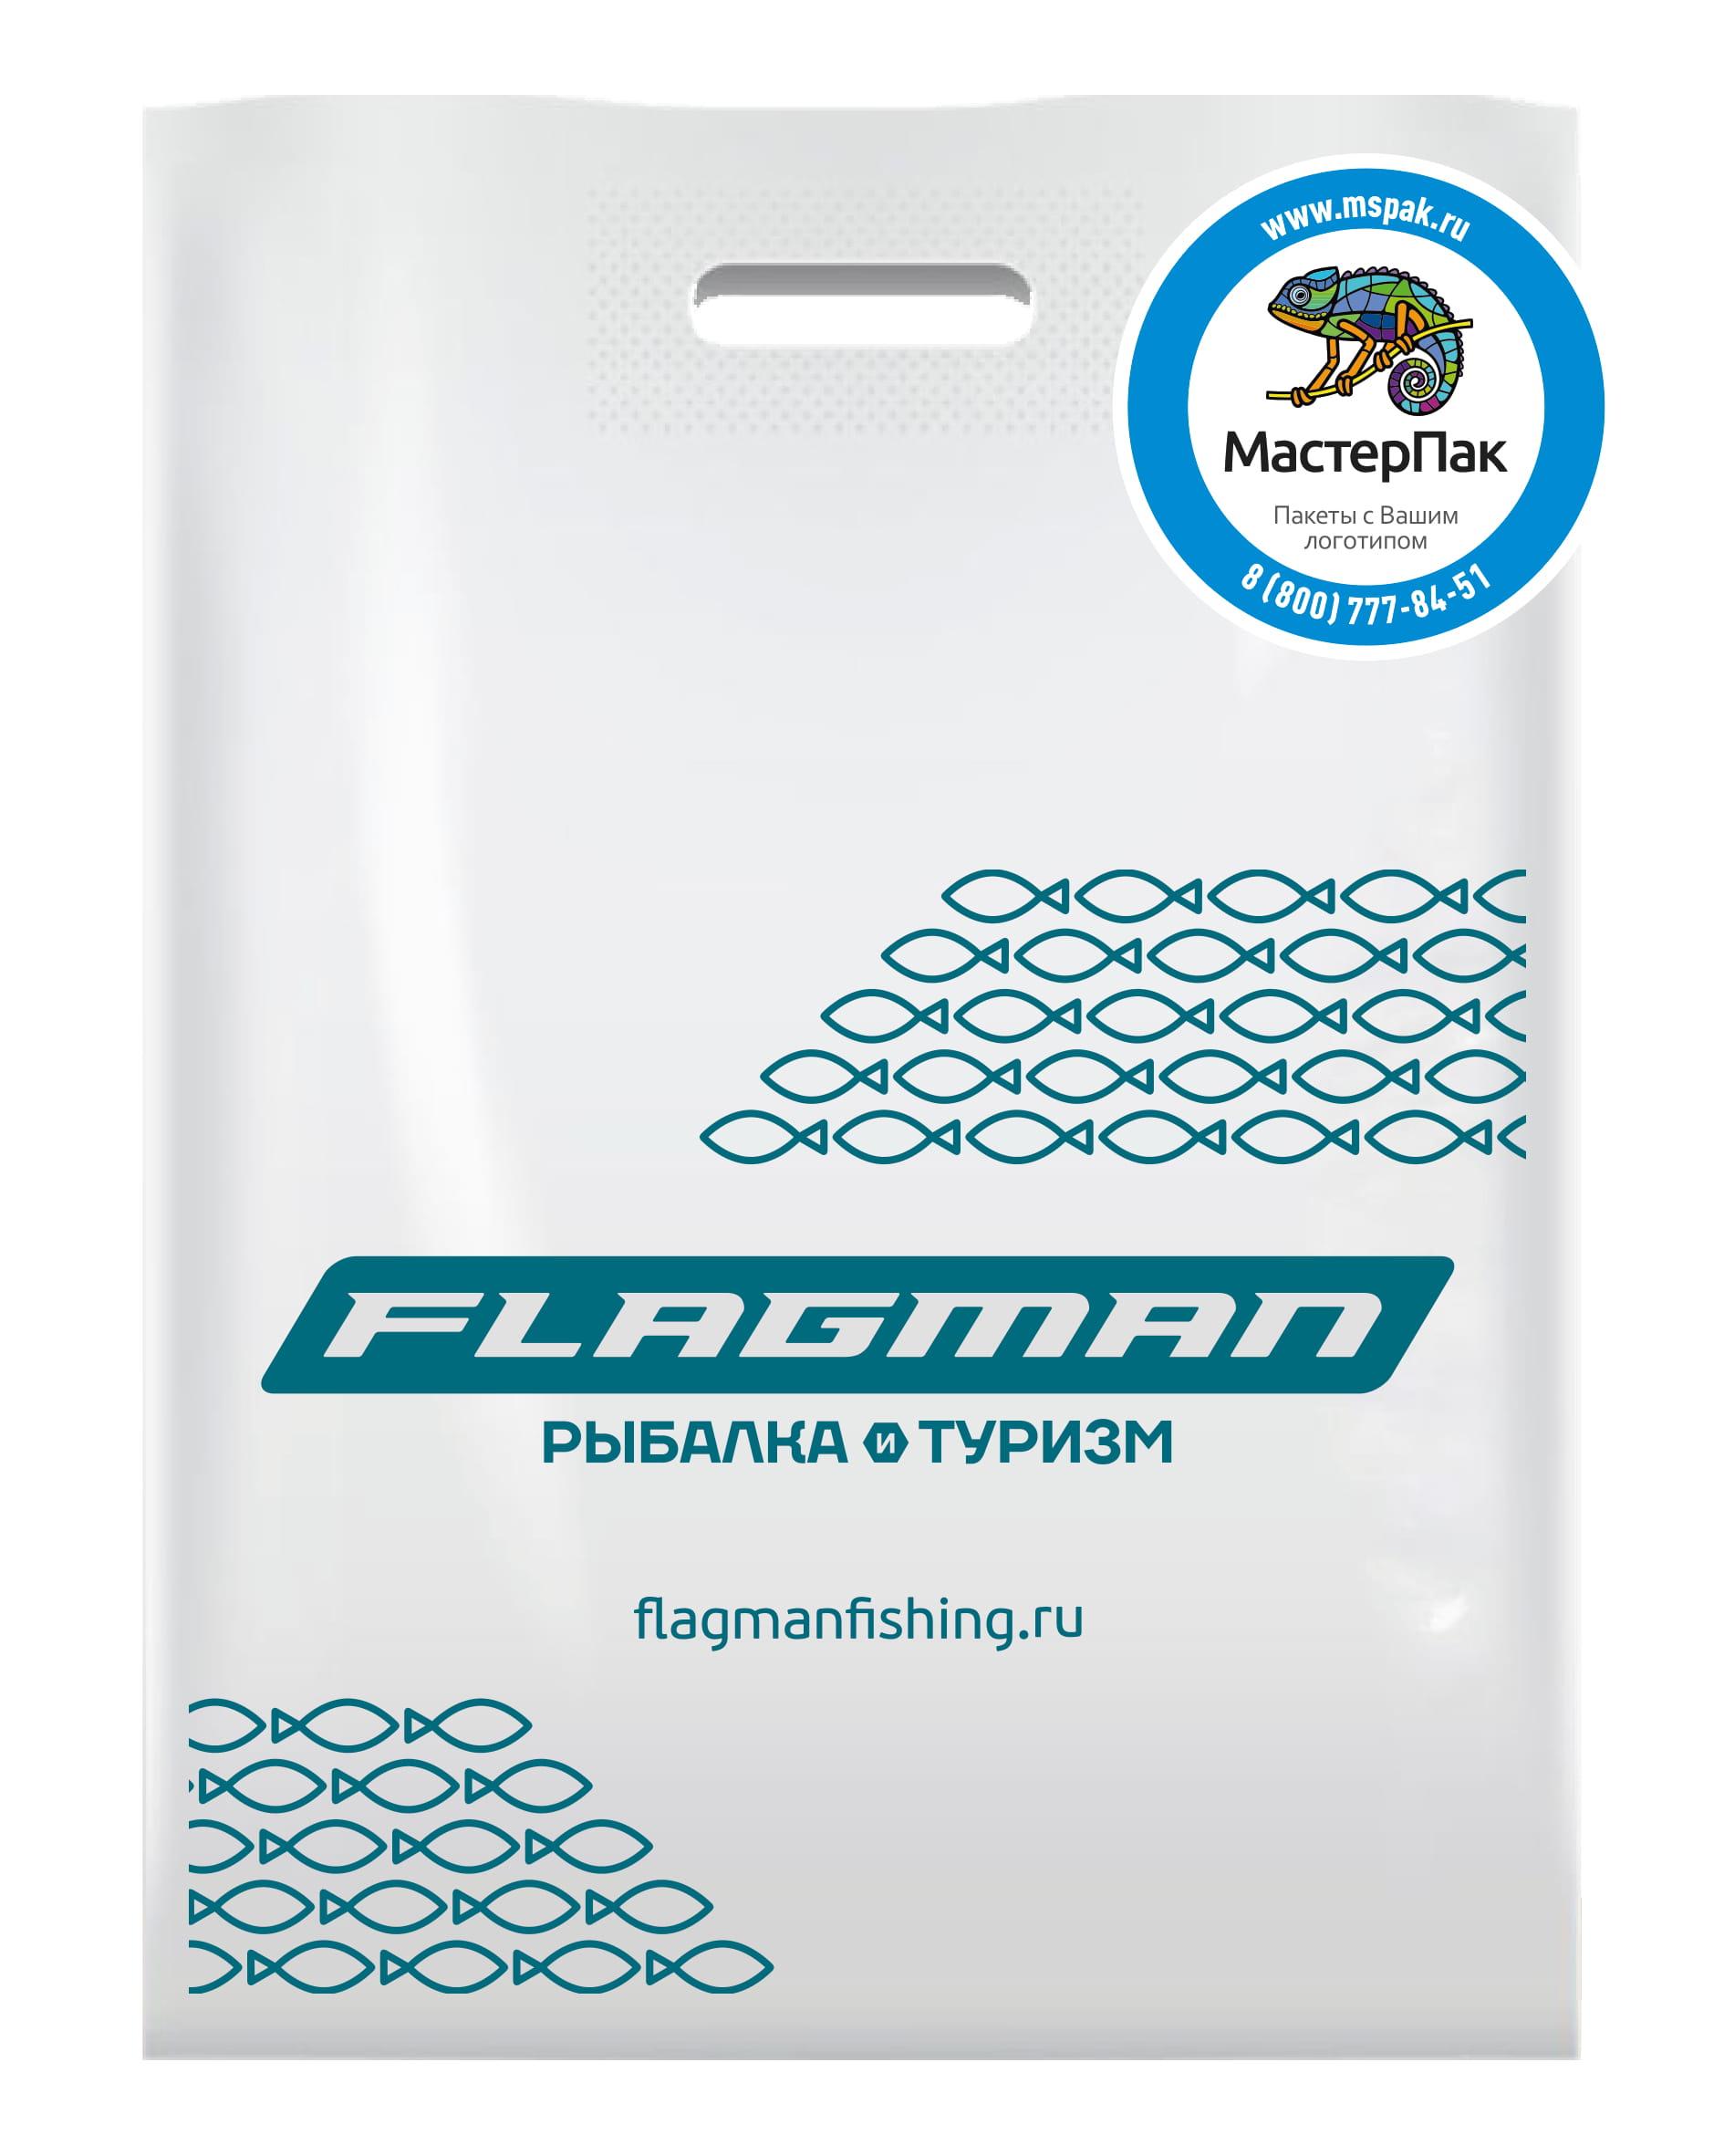 Пакет ПВД с вырубной ручкой и логотипом магазина Flagman, Санкт-Петербург